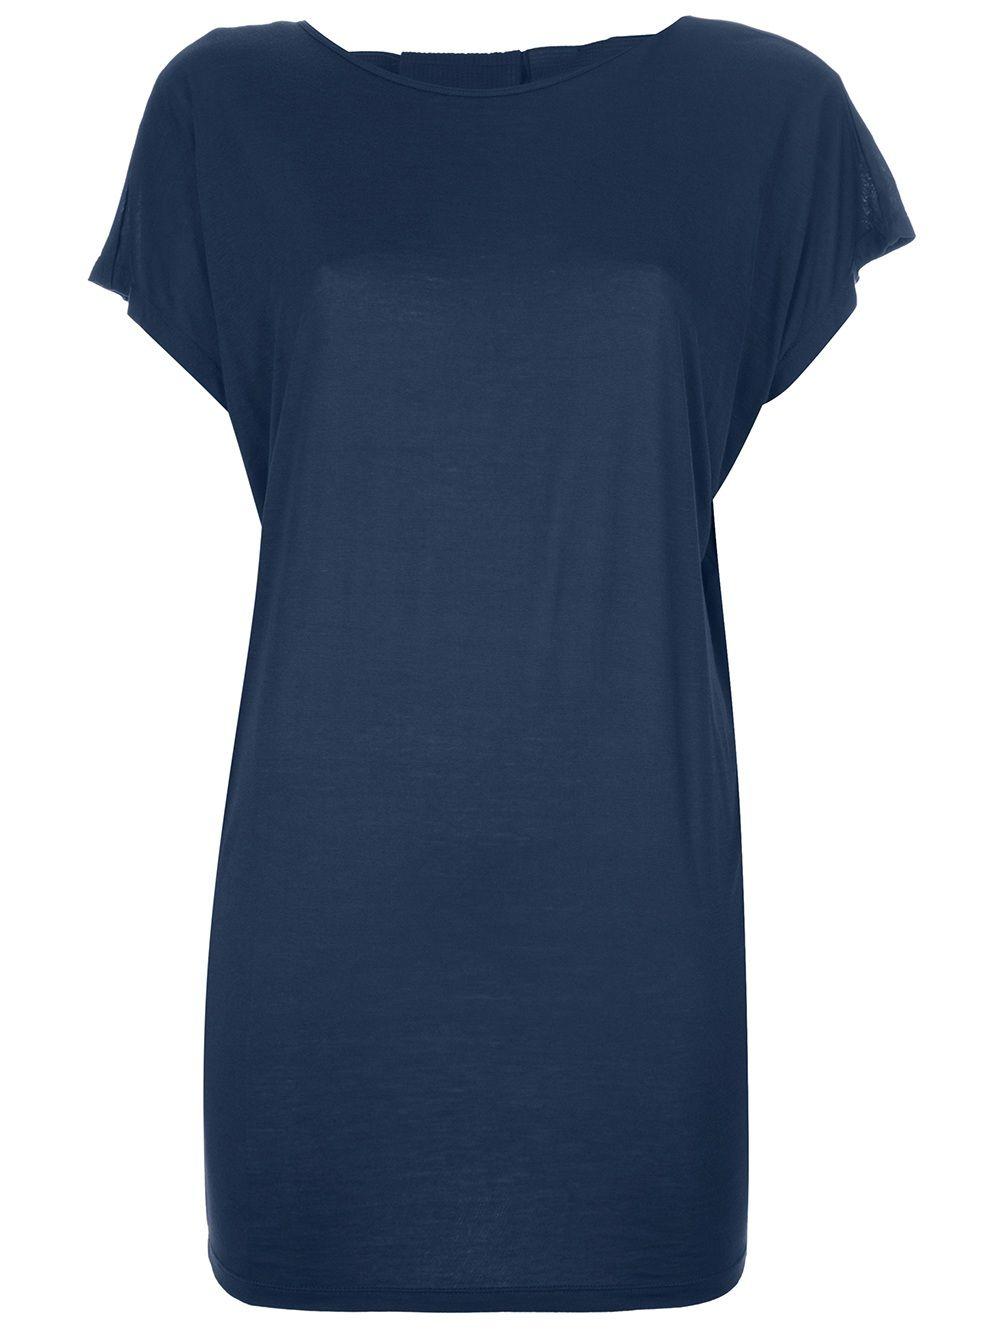 LANVIN - Camiseta azul. 6